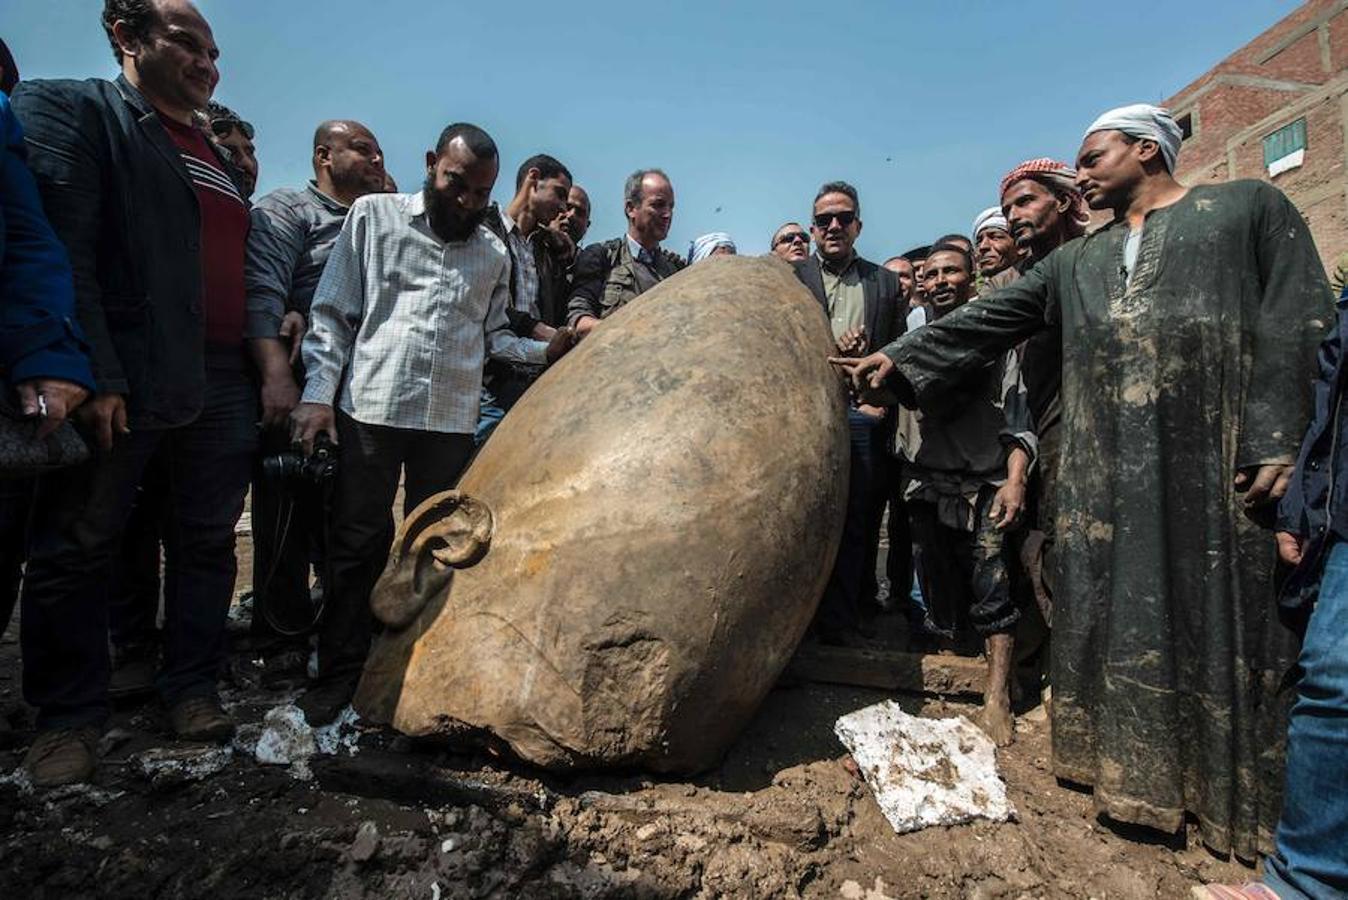 Se ha recuperado un busto de unos 80 centímetros de altura que pertenece al faraón Seti II (1200-1194 a.C.), nieto de Ramsés II (1279-1213 a.C.); y una segunda, que pertenece al templo de Ramsés II, encontrada partida en decenas de pedazos de cuarcita, y que mide unos 8 metros, en esta vetusta urbe dedicada a Ra, el dios del Sol.